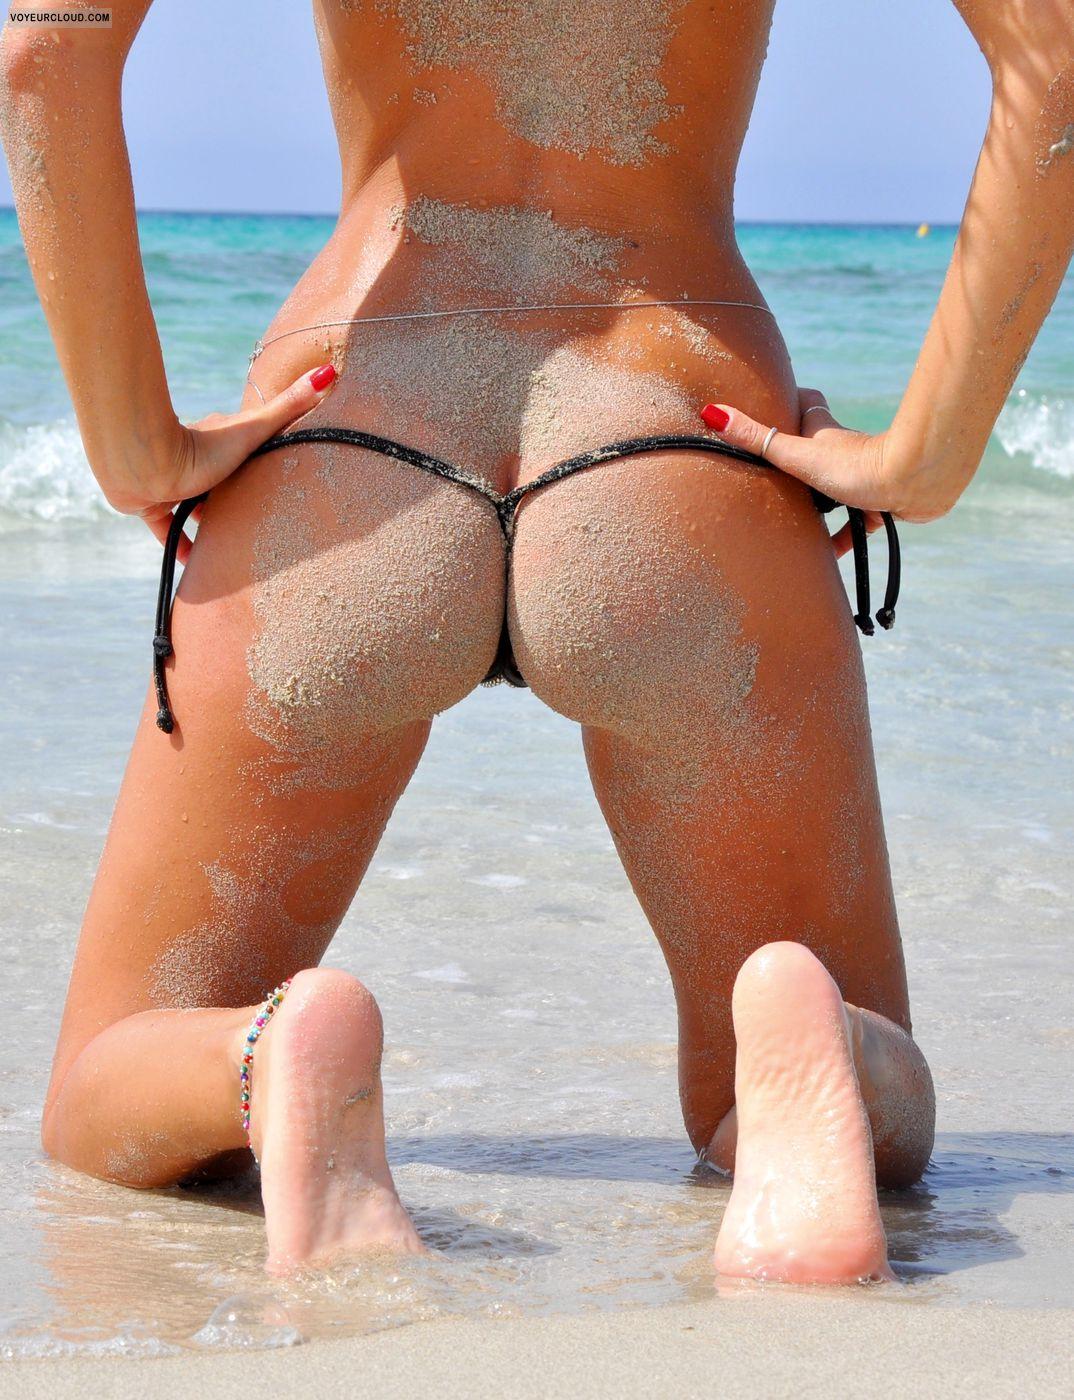 porn erotico punter forum italia